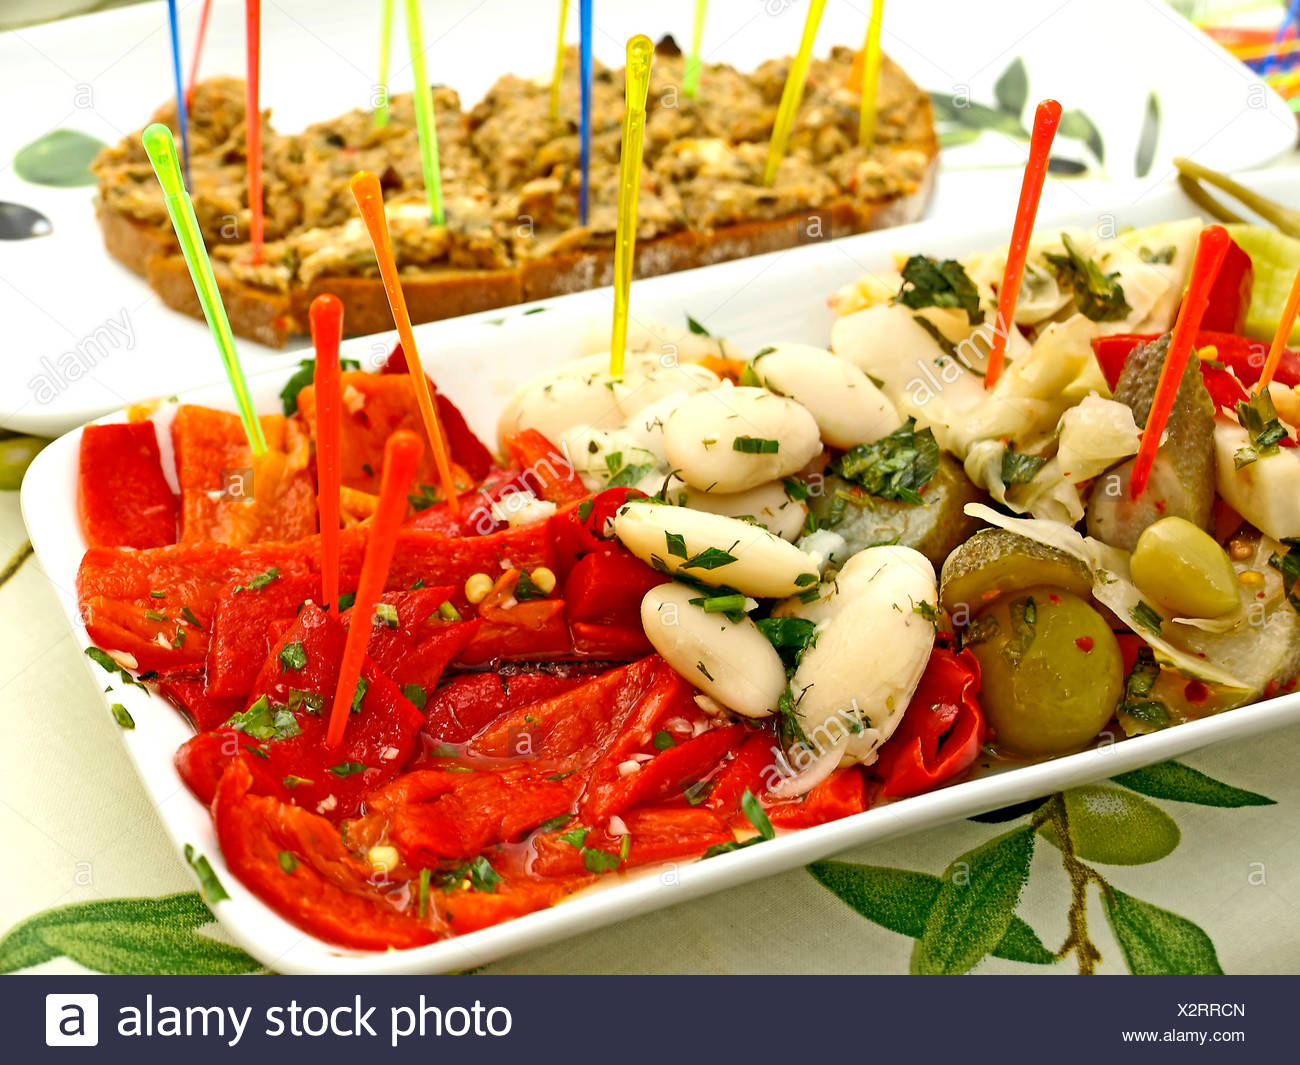 Griechische Küche Stock Photos & Griechische Küche Stock Images - Alamy